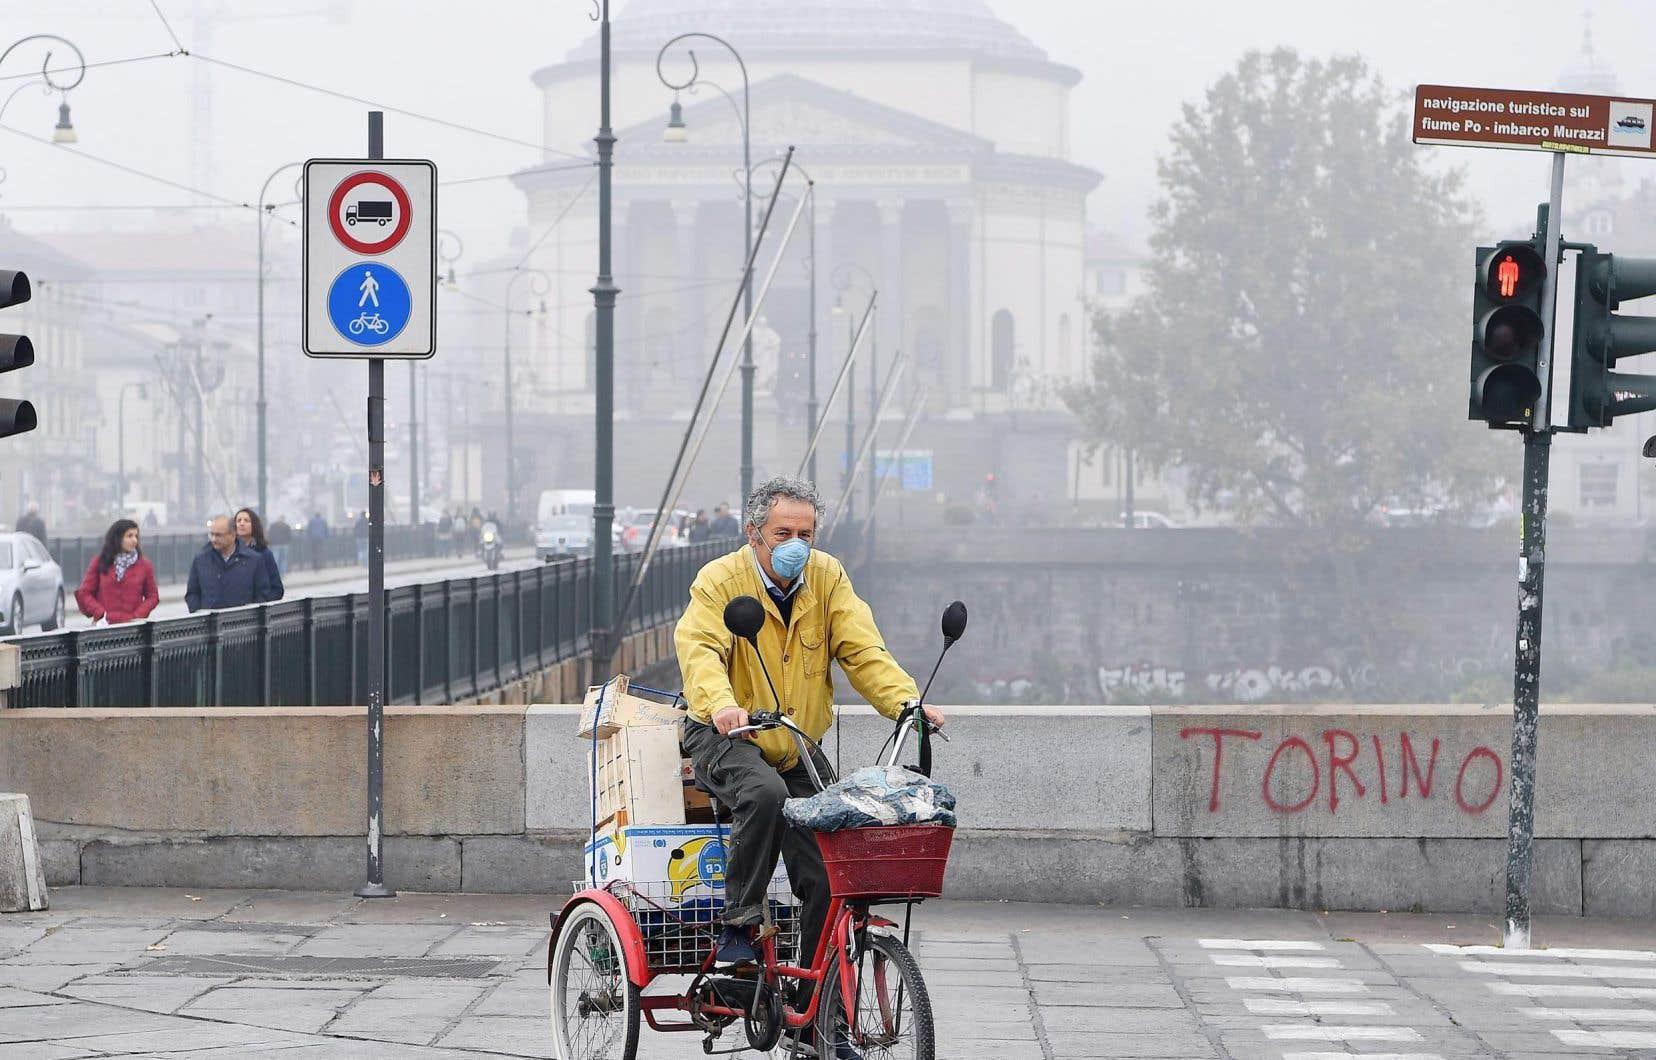 Le smog a atteint des niveaux alarmants dans le nord de l'Italie ces derniers jours, conduisant la municipalité de Turin à appeler ses habitants à fermer les portes et les fenêtres, à rester à l'intérieur et à éviter les activités sportives.